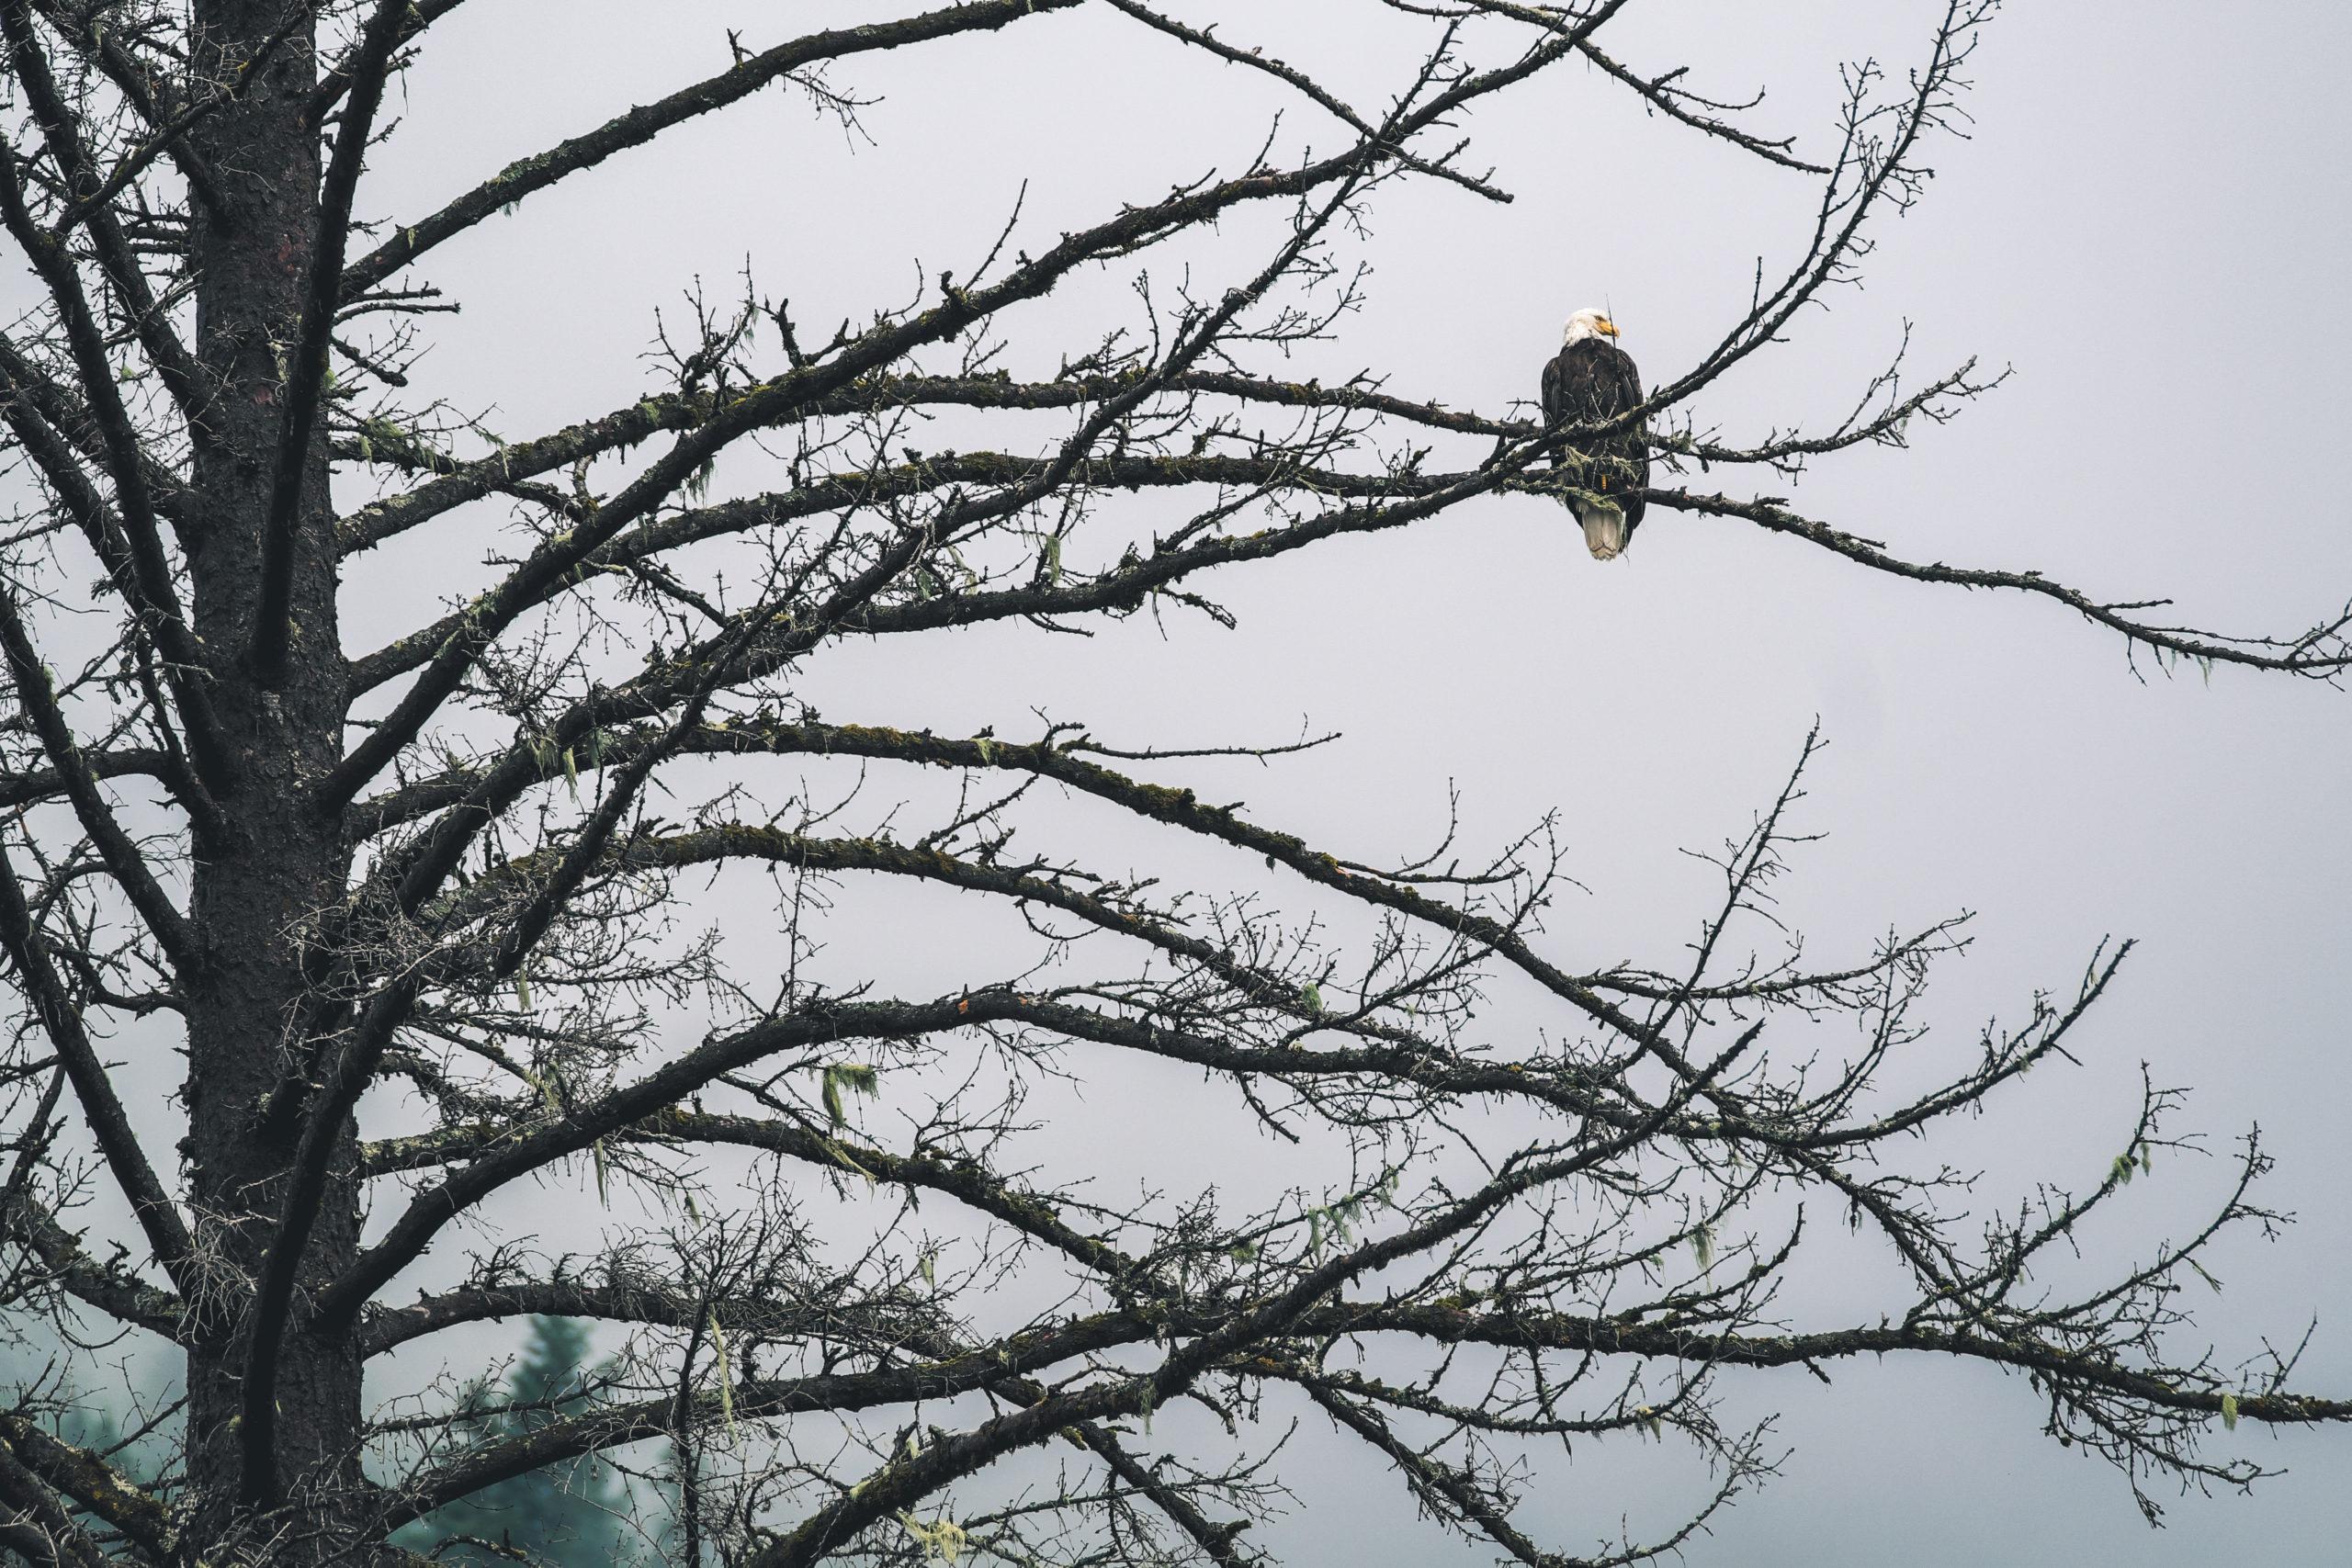 Weißkopf Seeadler in Kanada im Baum